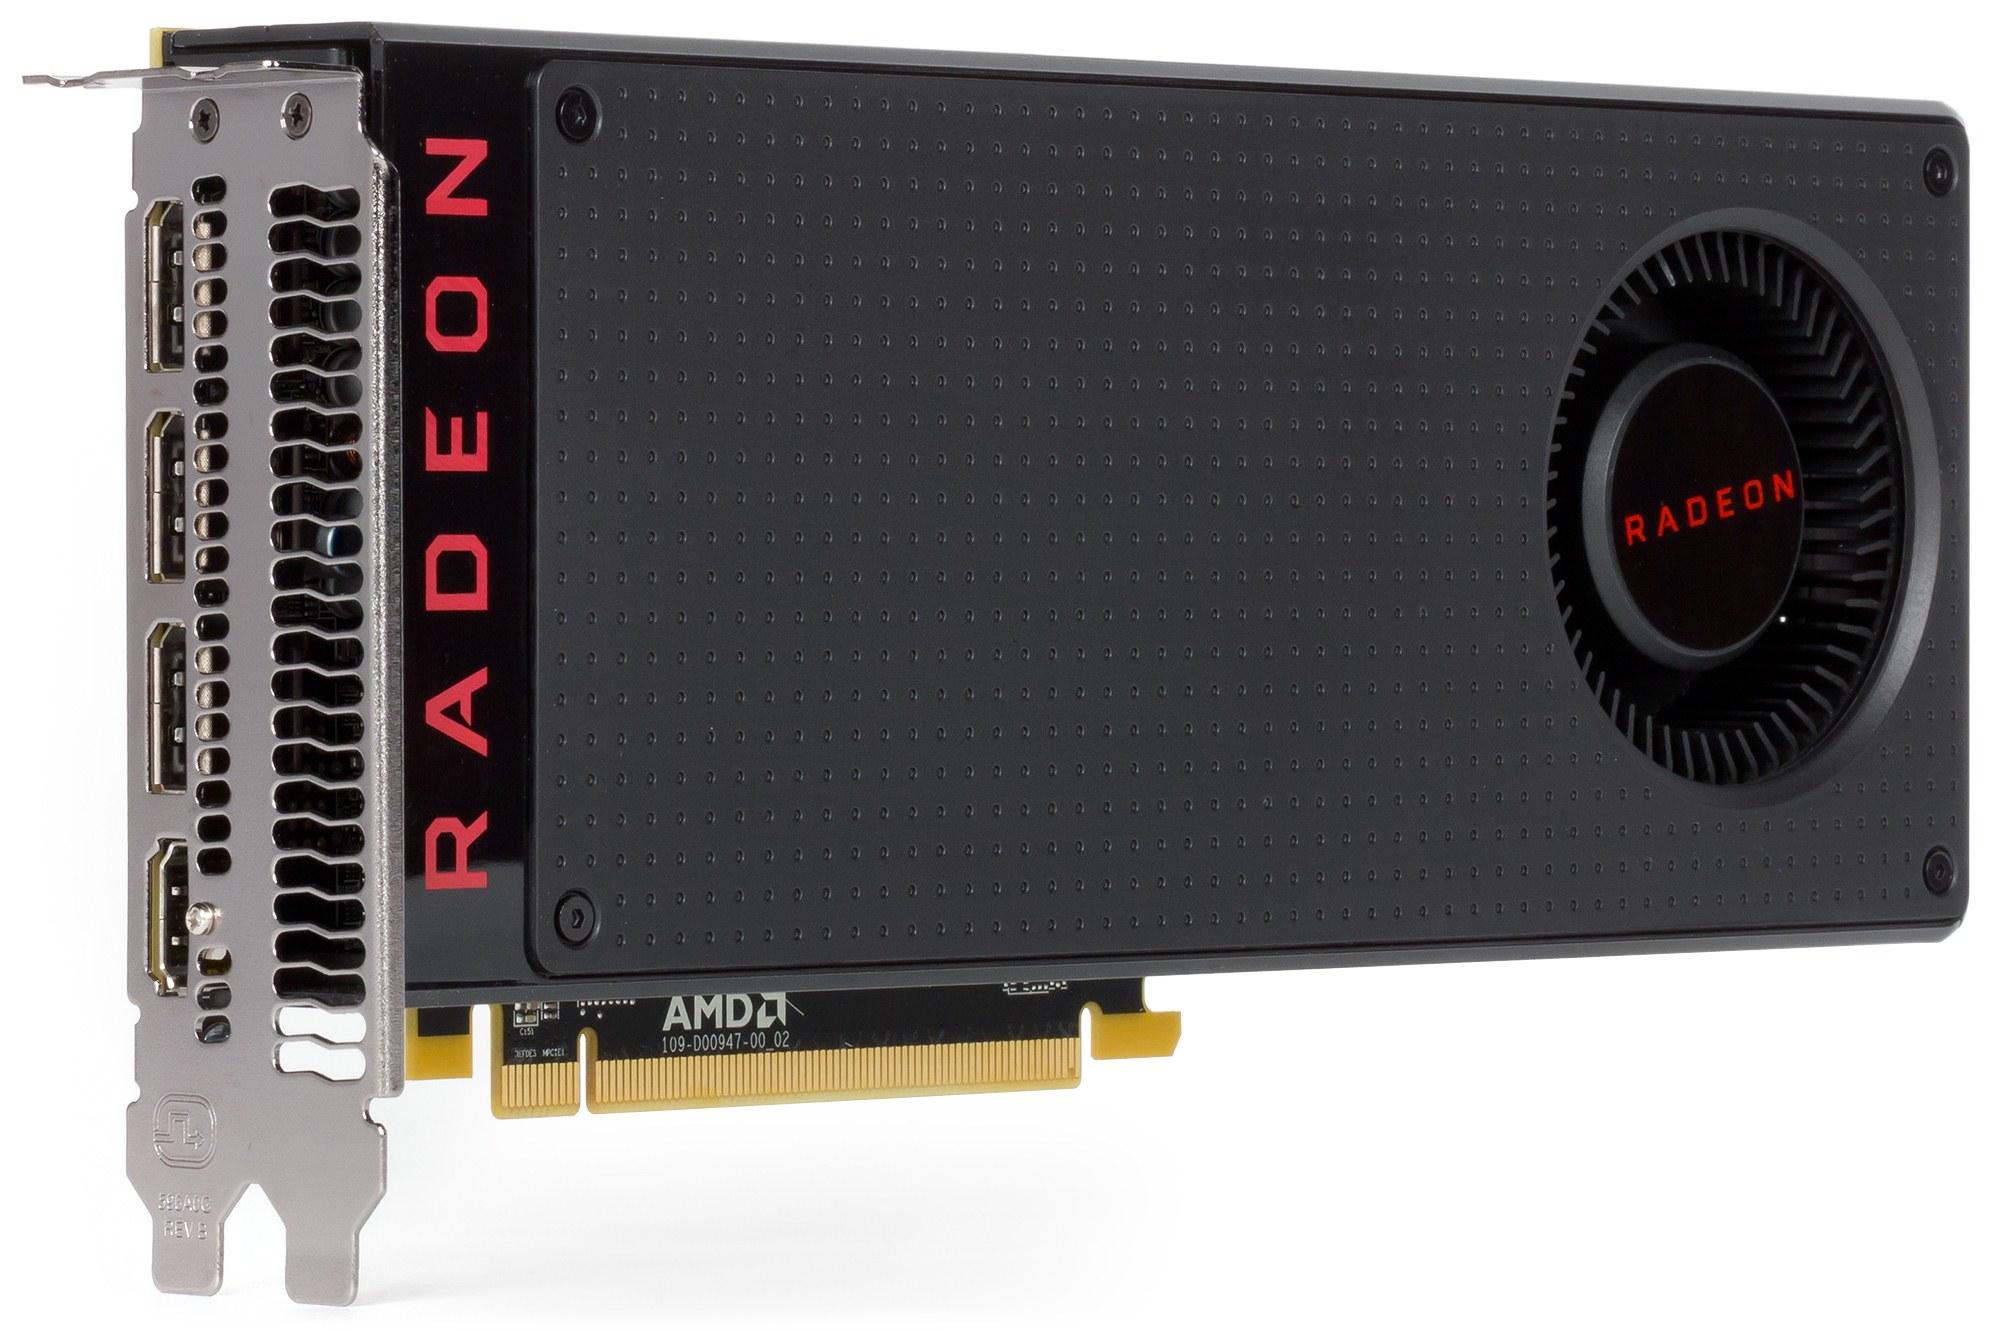 Перепрошивка Radeon RX 480 превращает 4-гигабайтную версию в 8-гигабайтную - 1